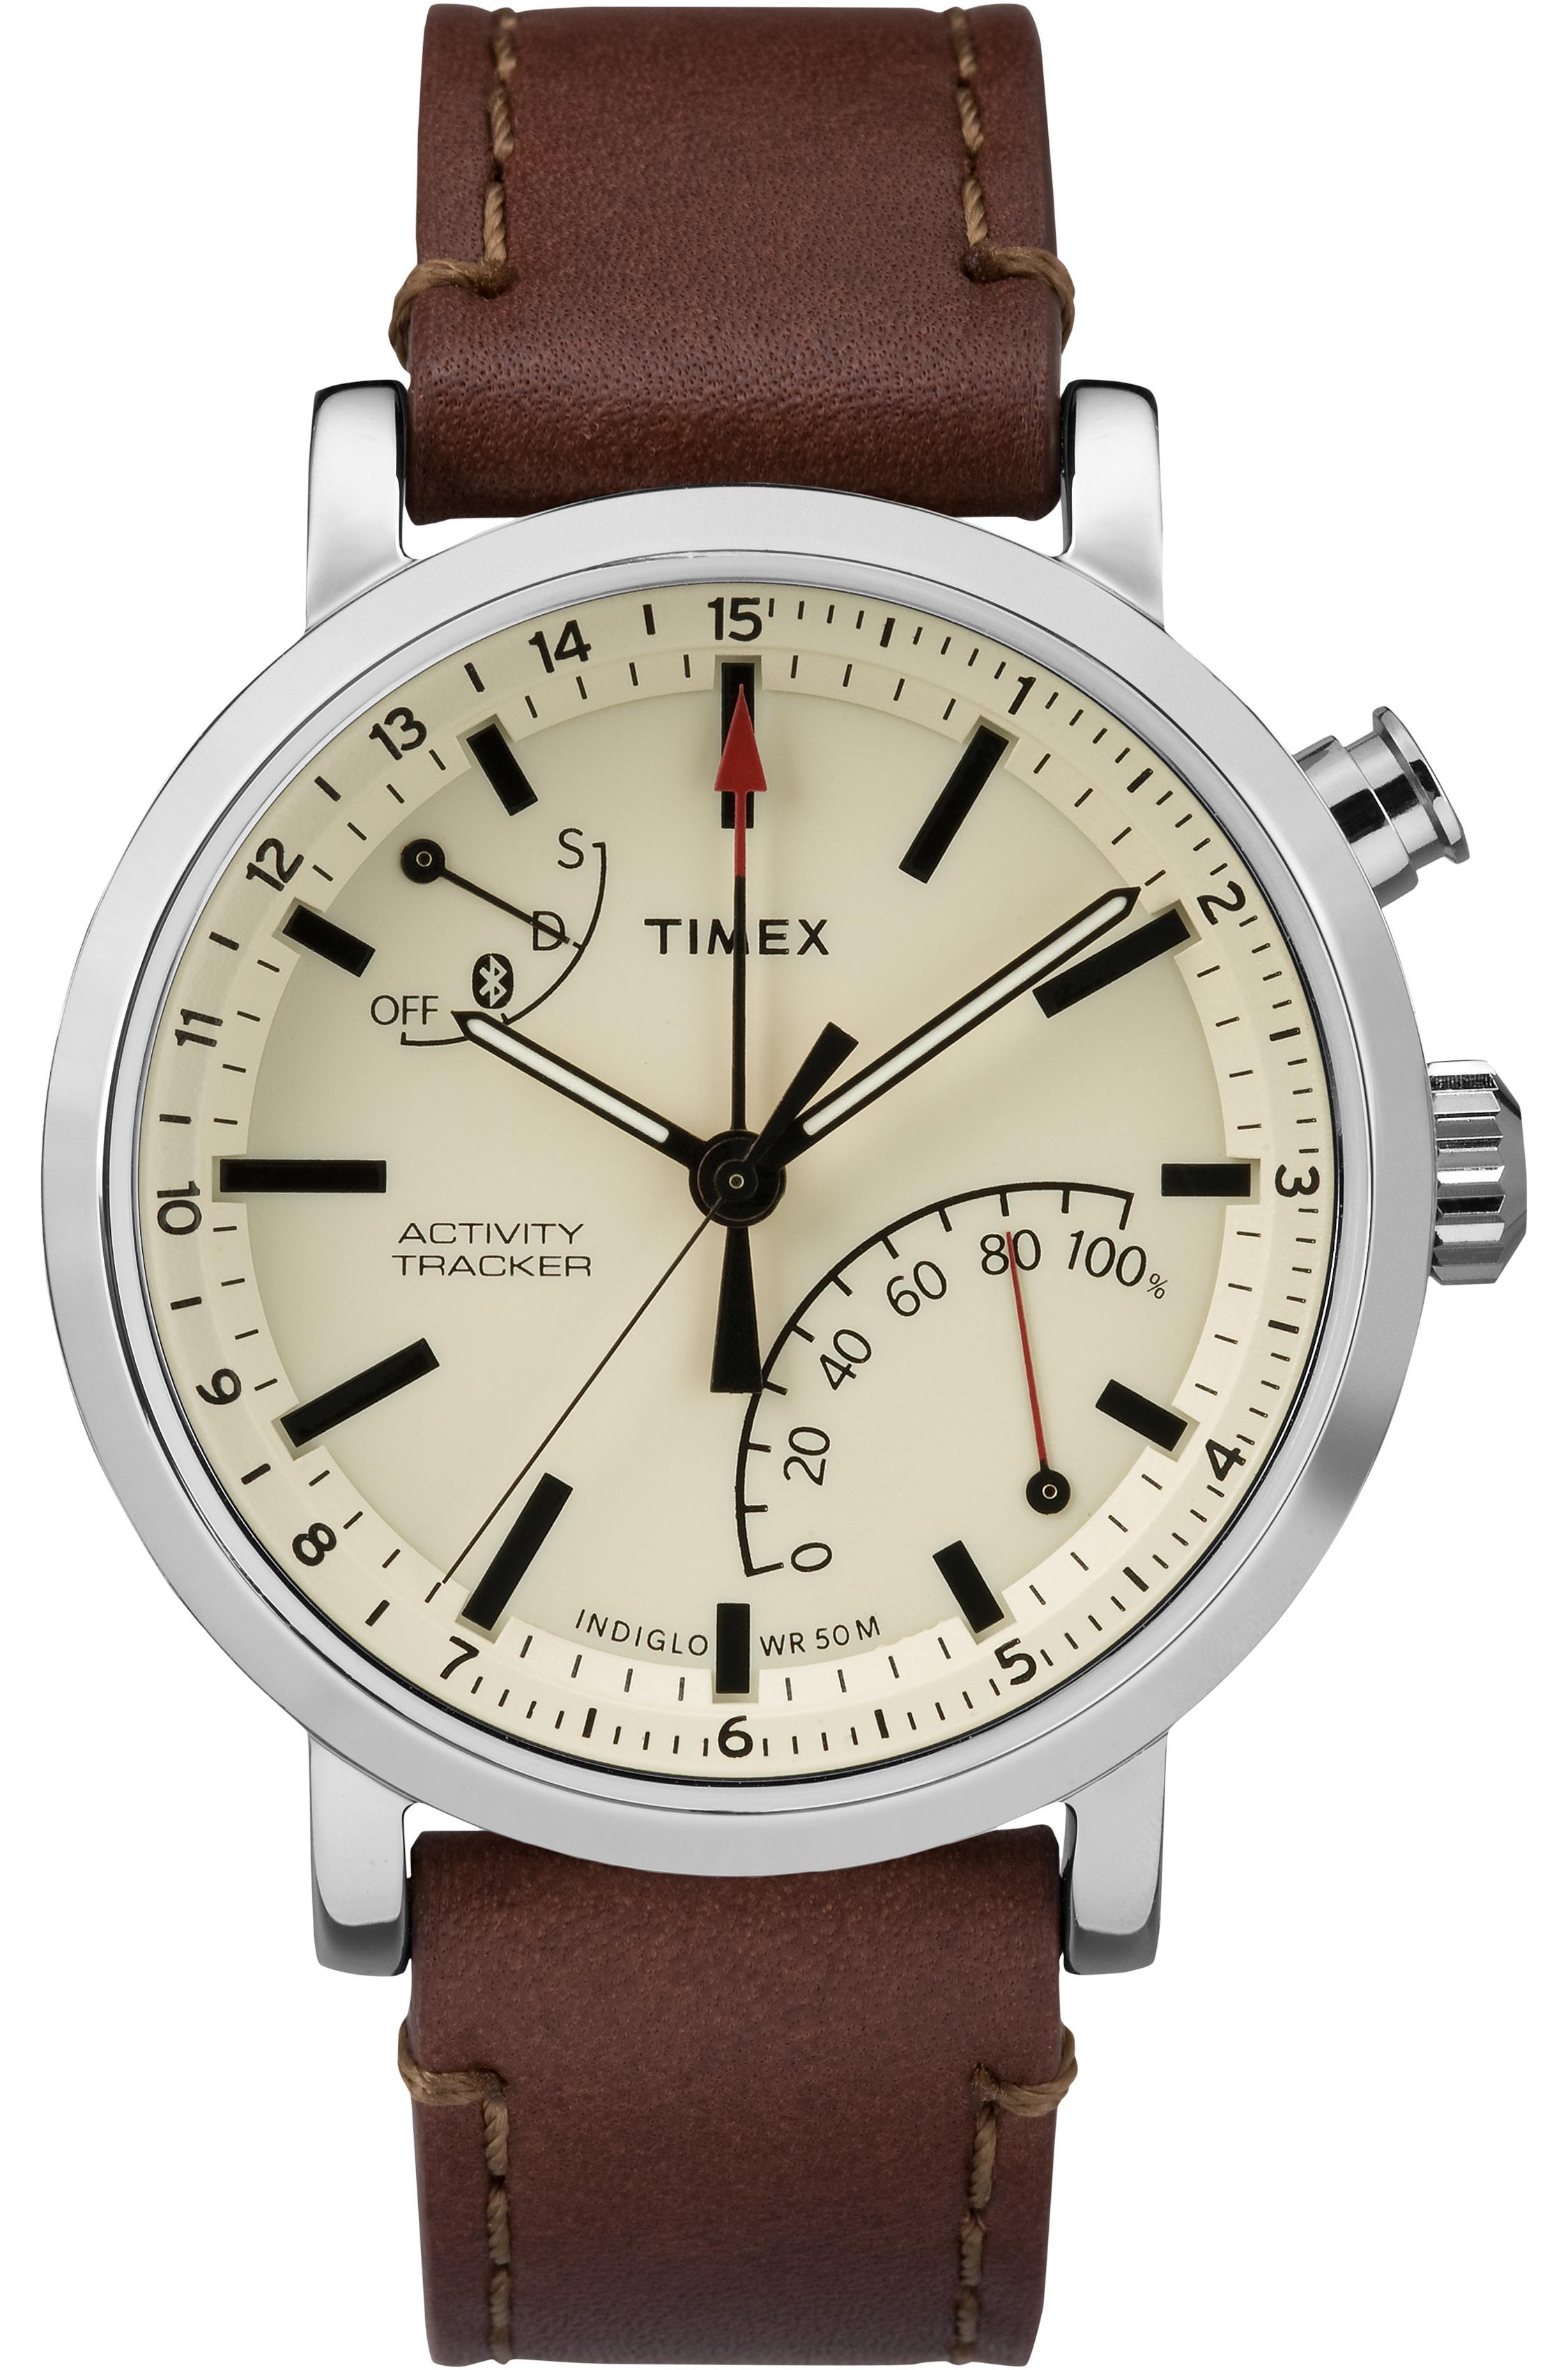 Timex Unisex Metropolitan+ Brown/Silver-Tone/Tan Watch, Leather Strap